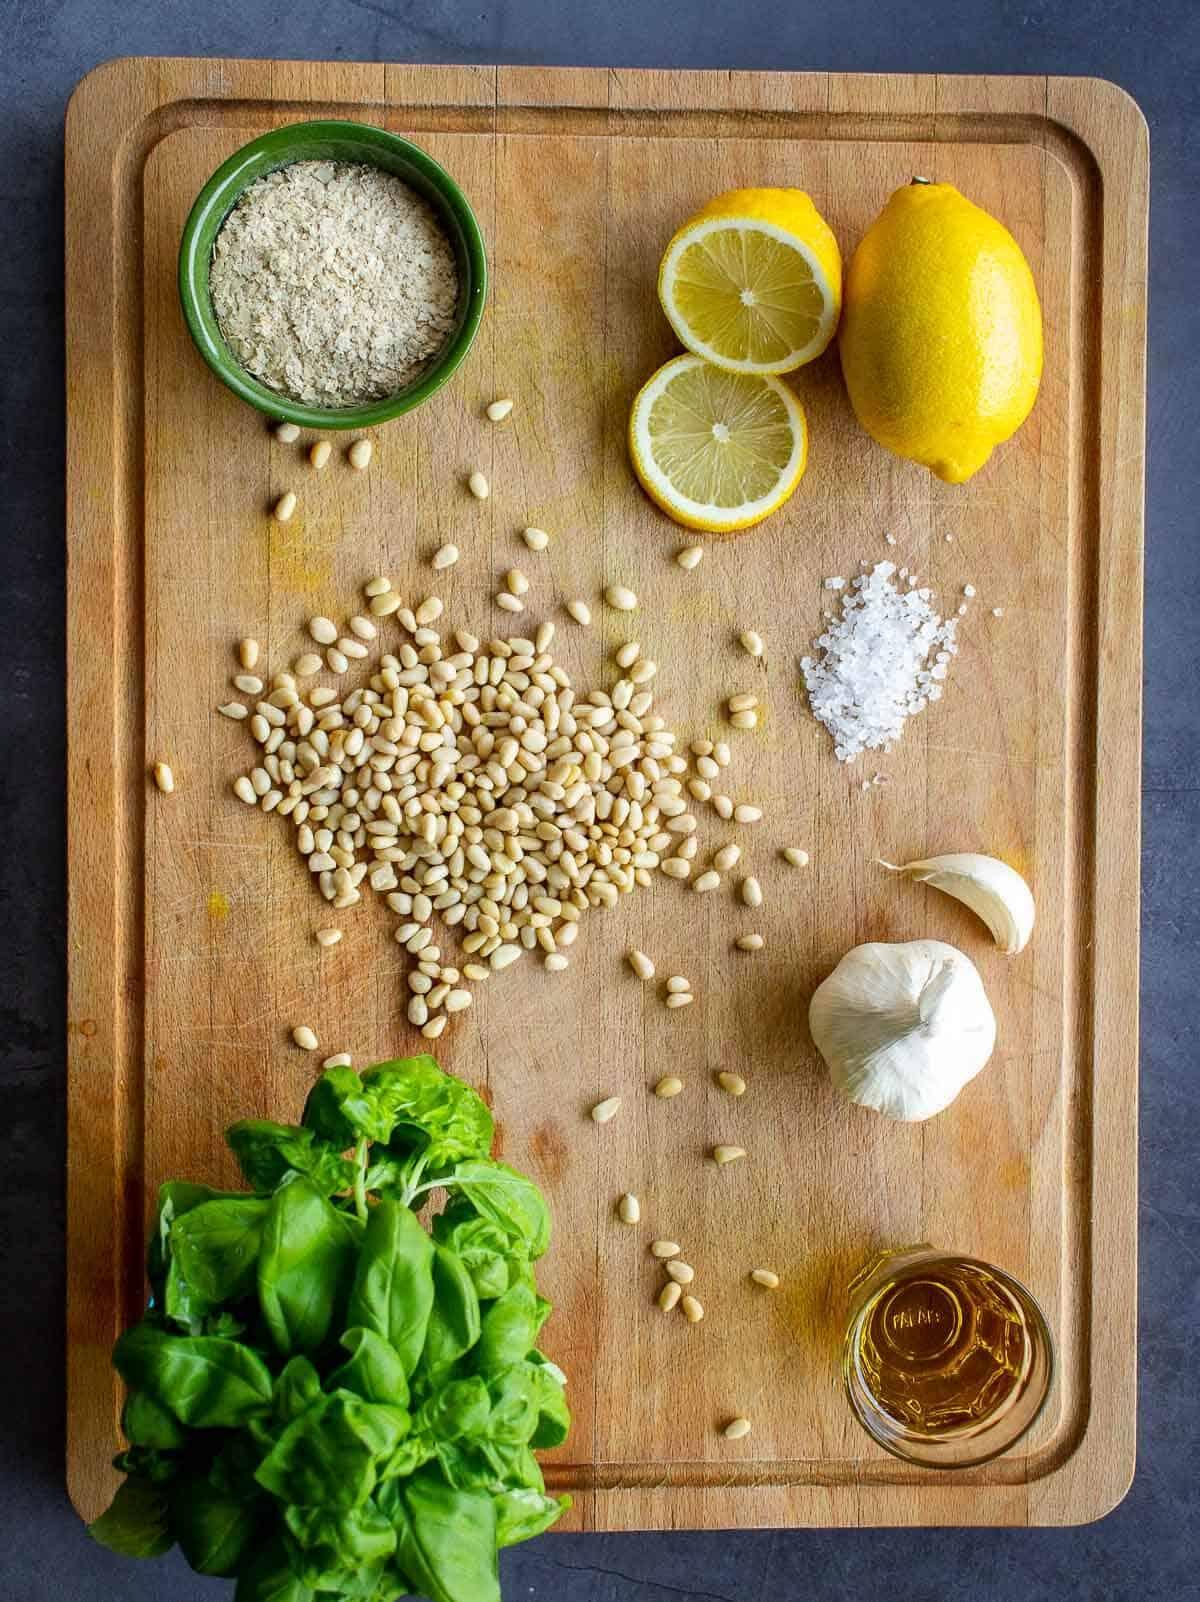 Homemade basil pesto Ingredients